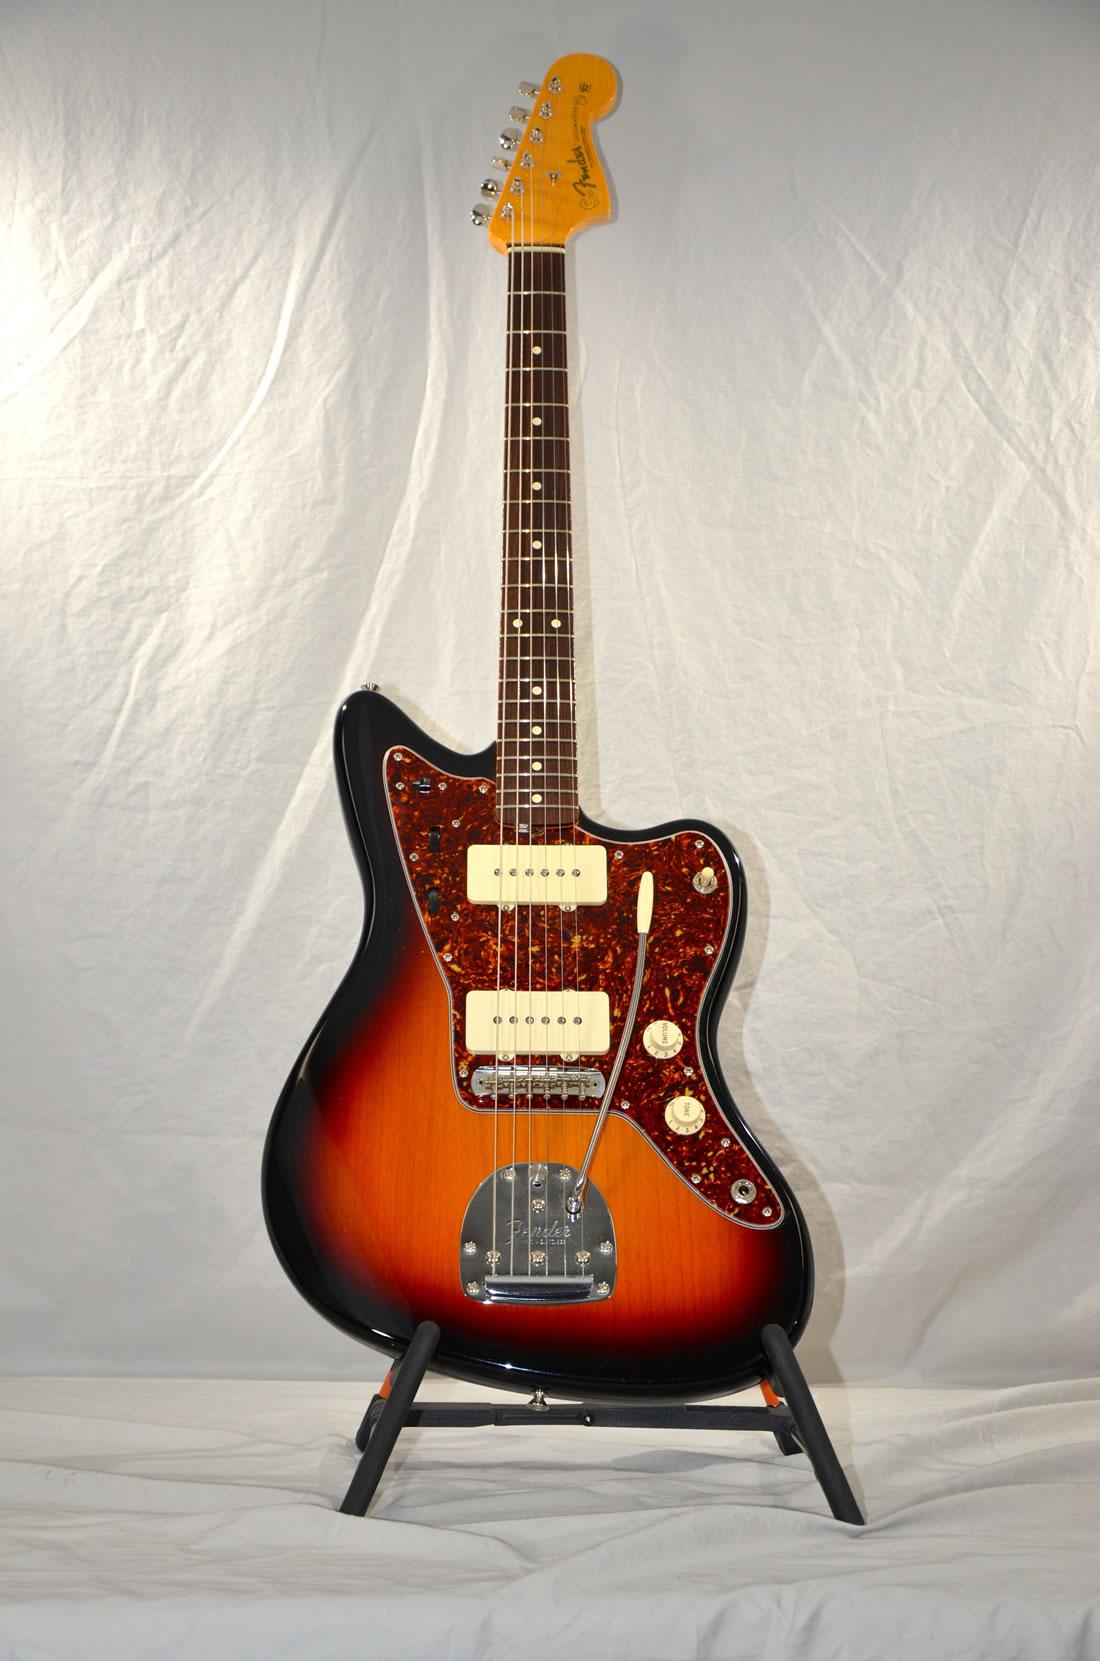 1962 Fender Jazzmaster Vintage Reissue